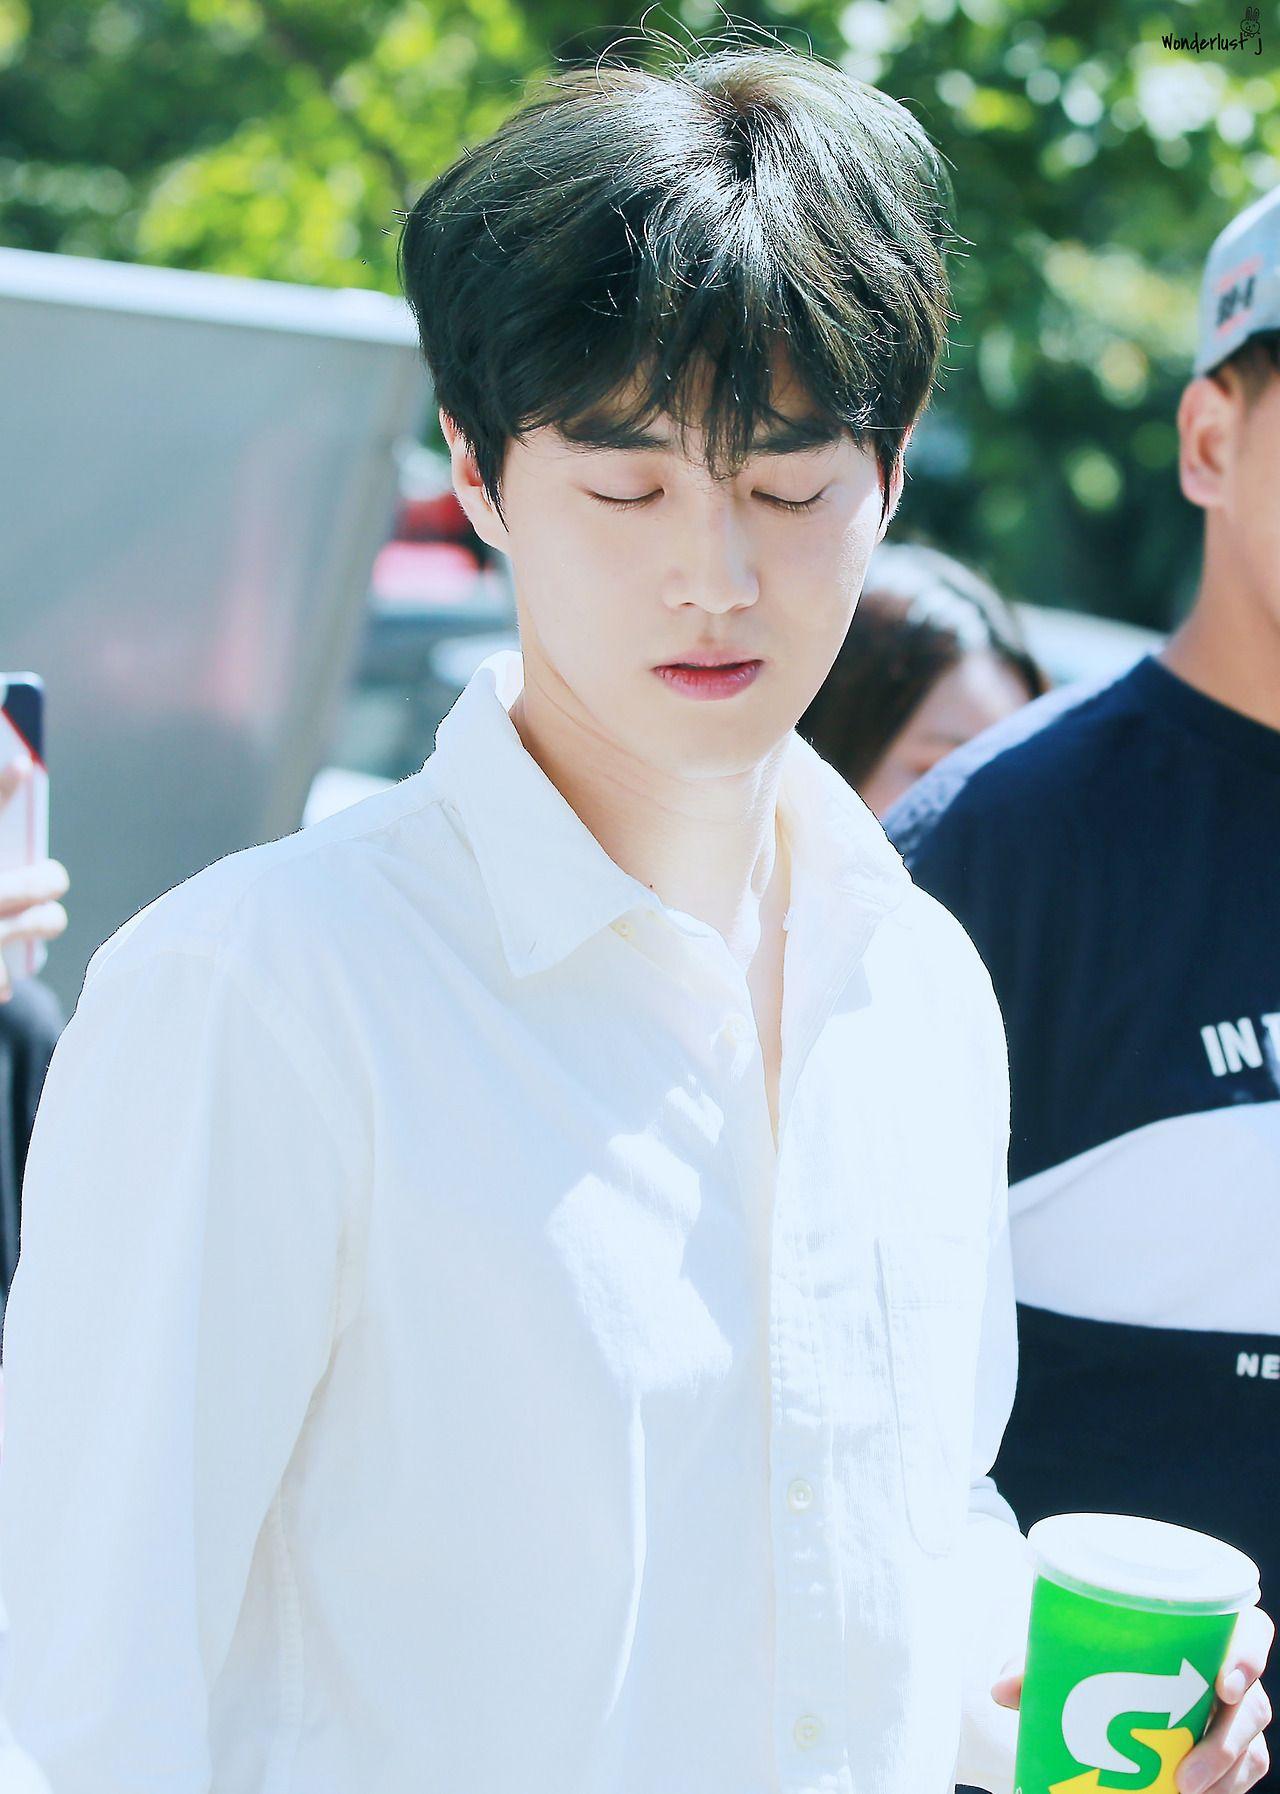 170915 SUHO EXO OUTSIDE KBS SUHO Di 2018 Pinterest EXO Suho